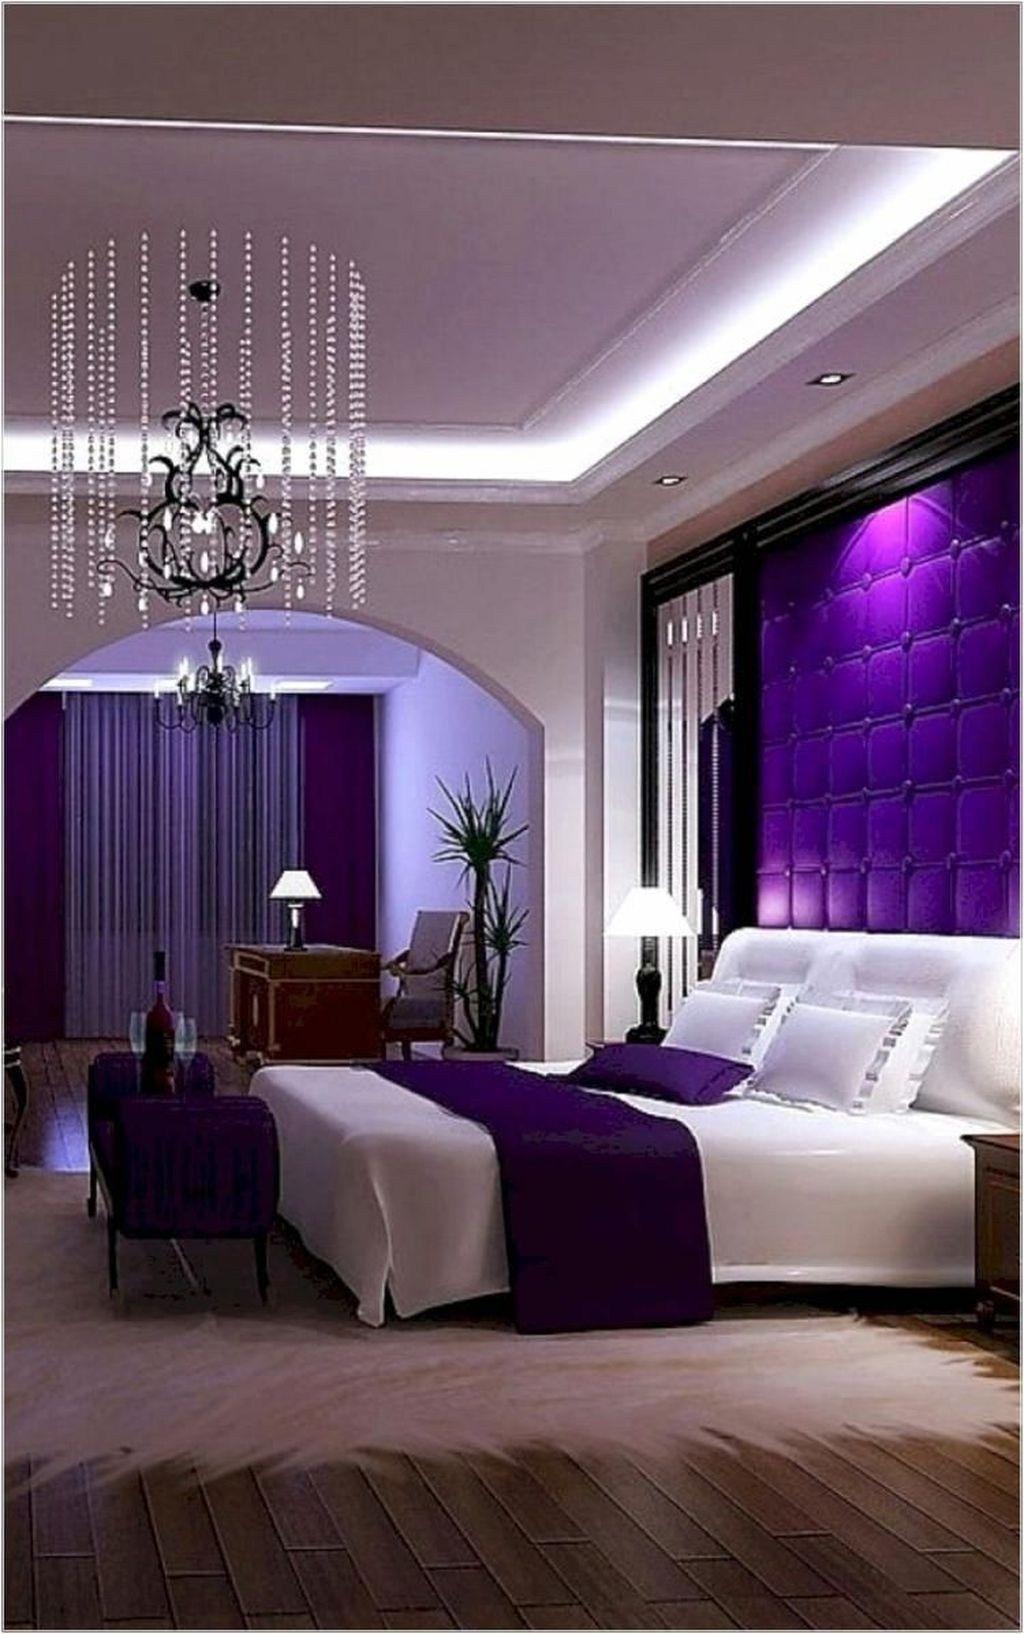 50 Inspiring Romantic Master Bedroom Ideas For Burning ...